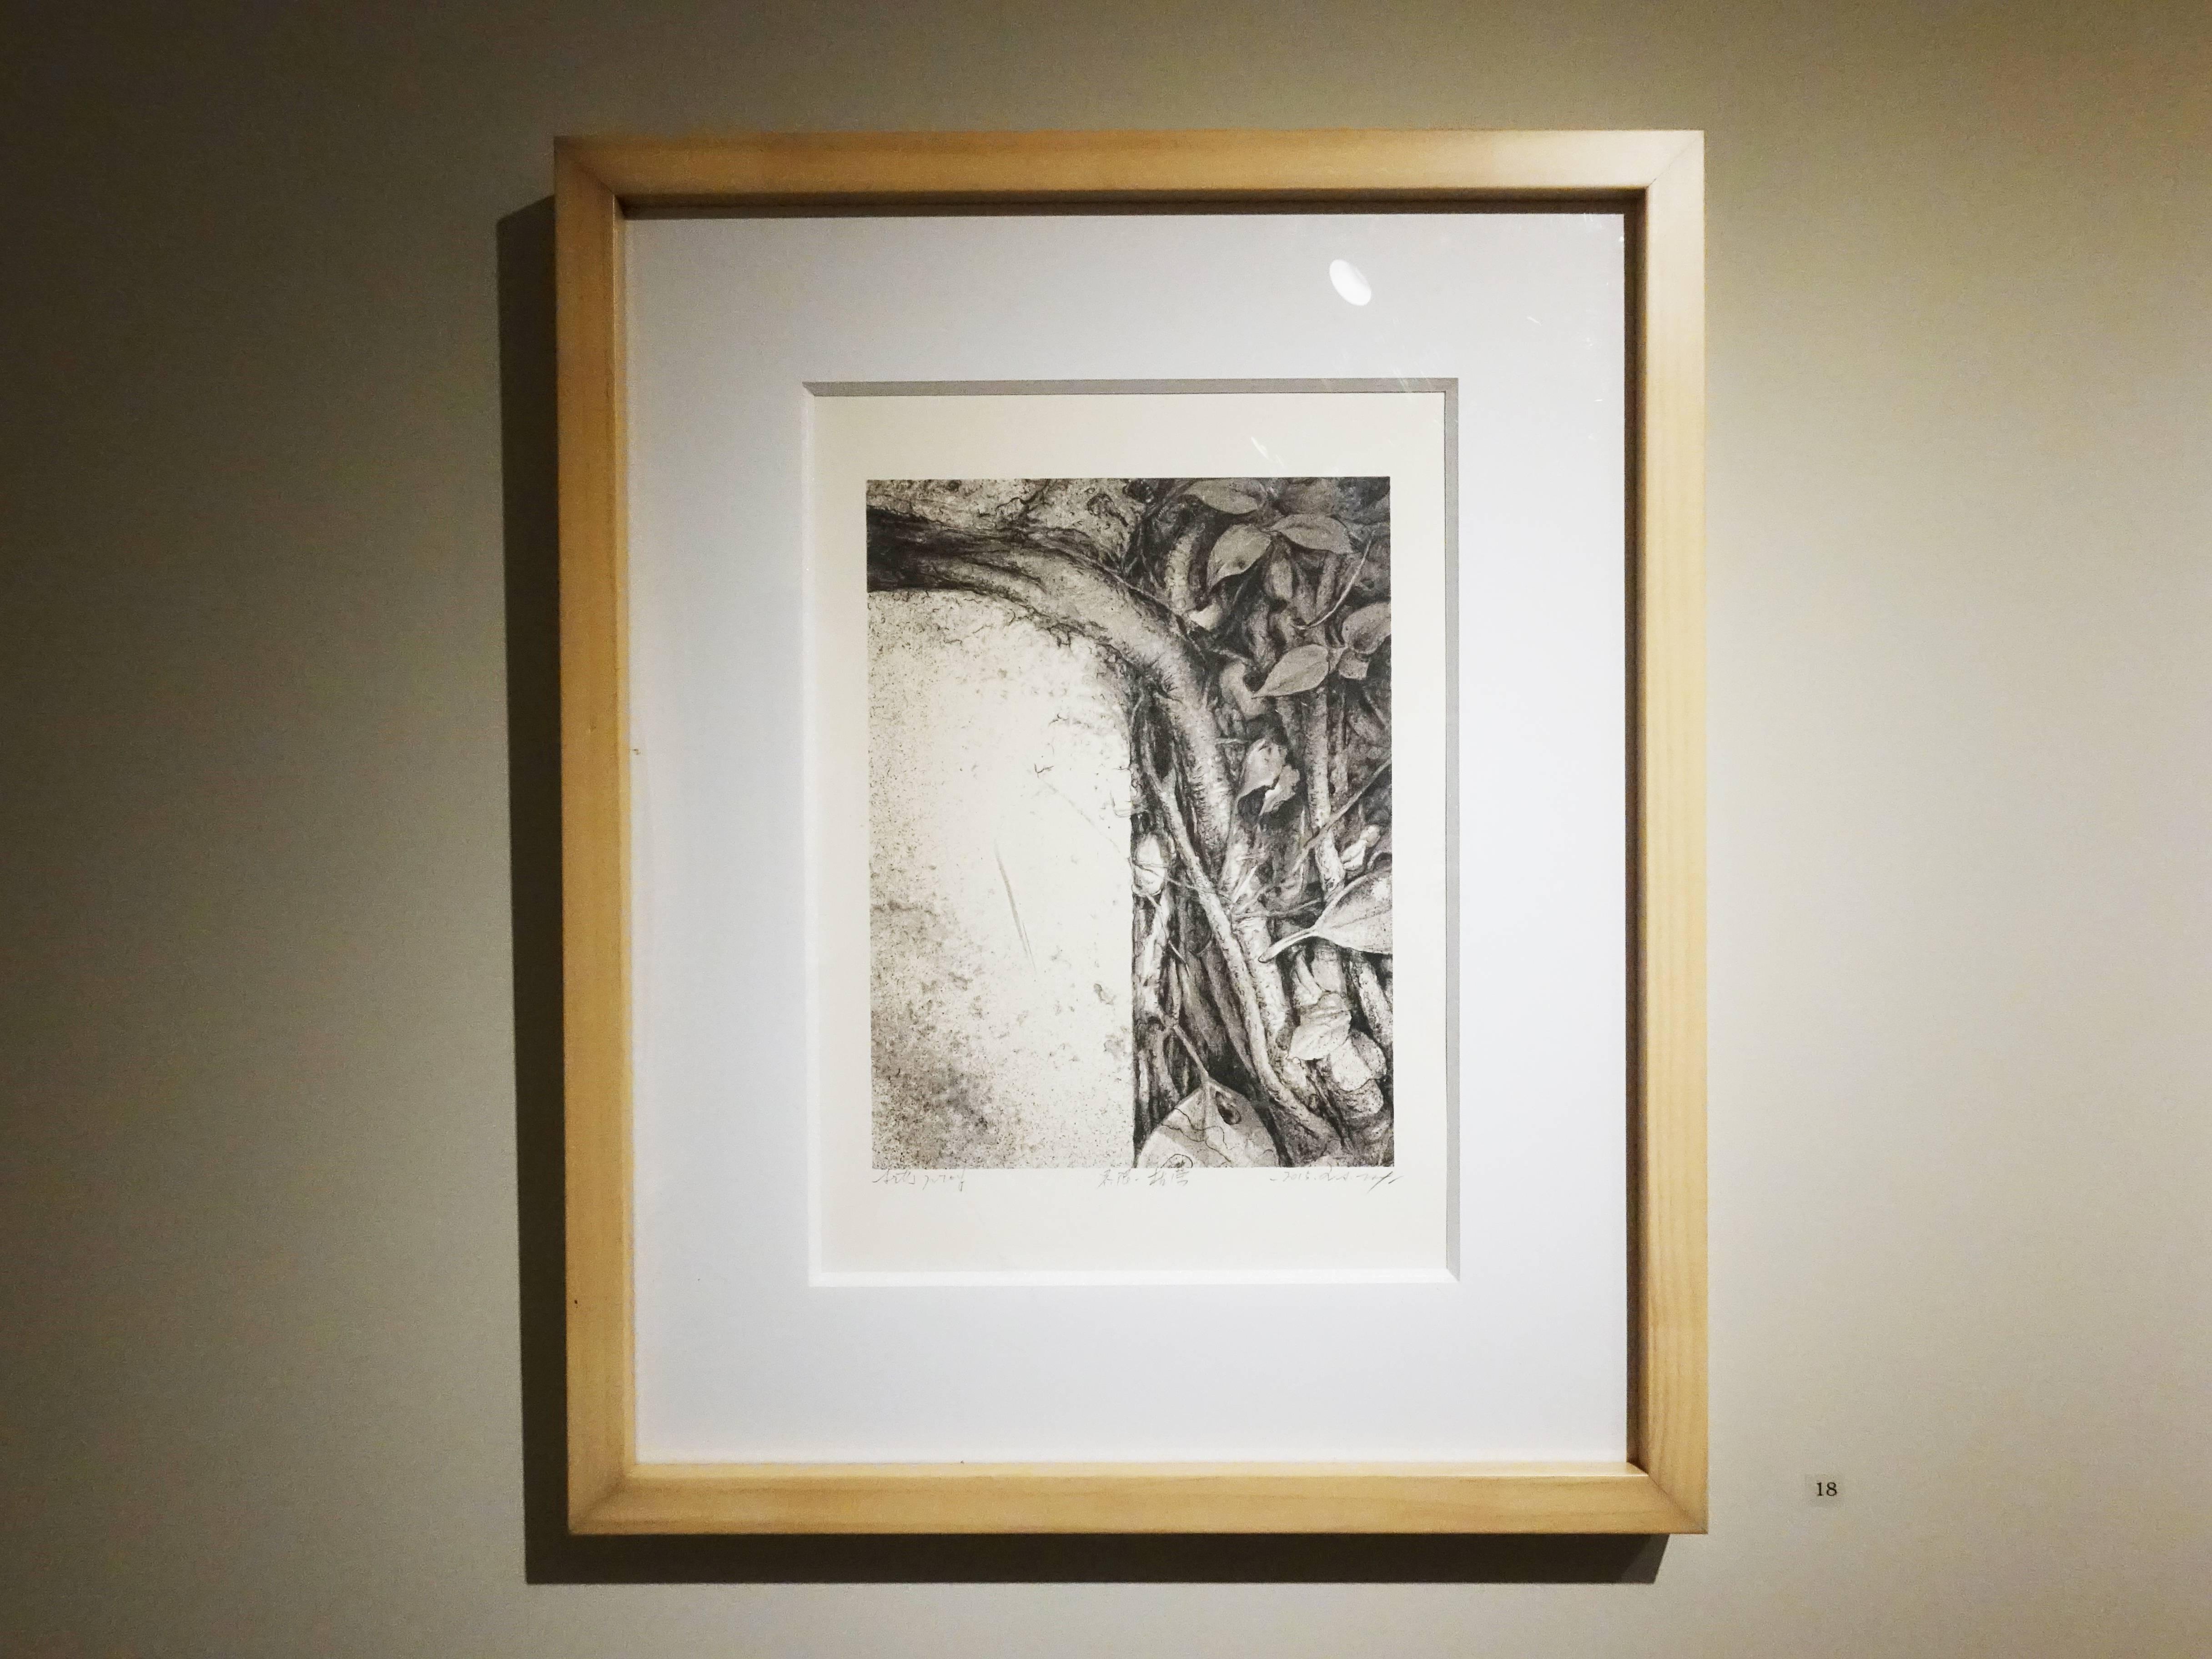 王振泰,《枯榮》,19 x 25 cm,AP,彩色石版,2015。